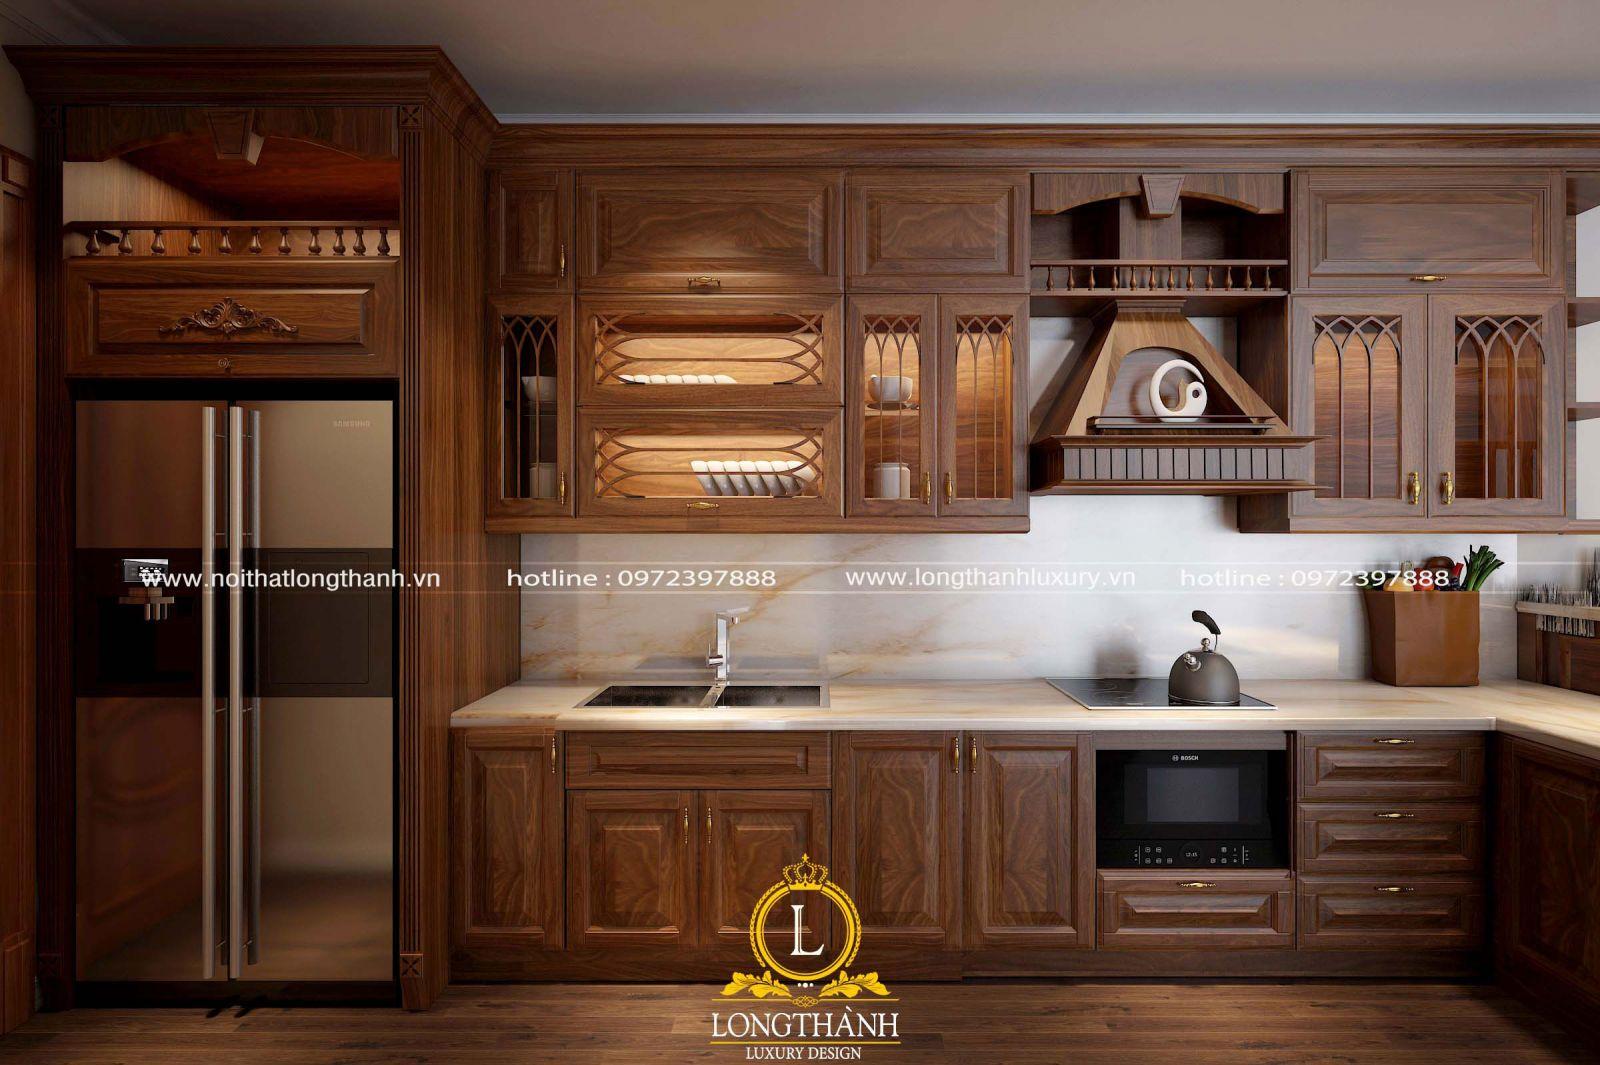 Mẫu tủ bếp tân cổ điển cho nhà chung cư ấm cúng bằng gỗ tự nhiên cao cấp